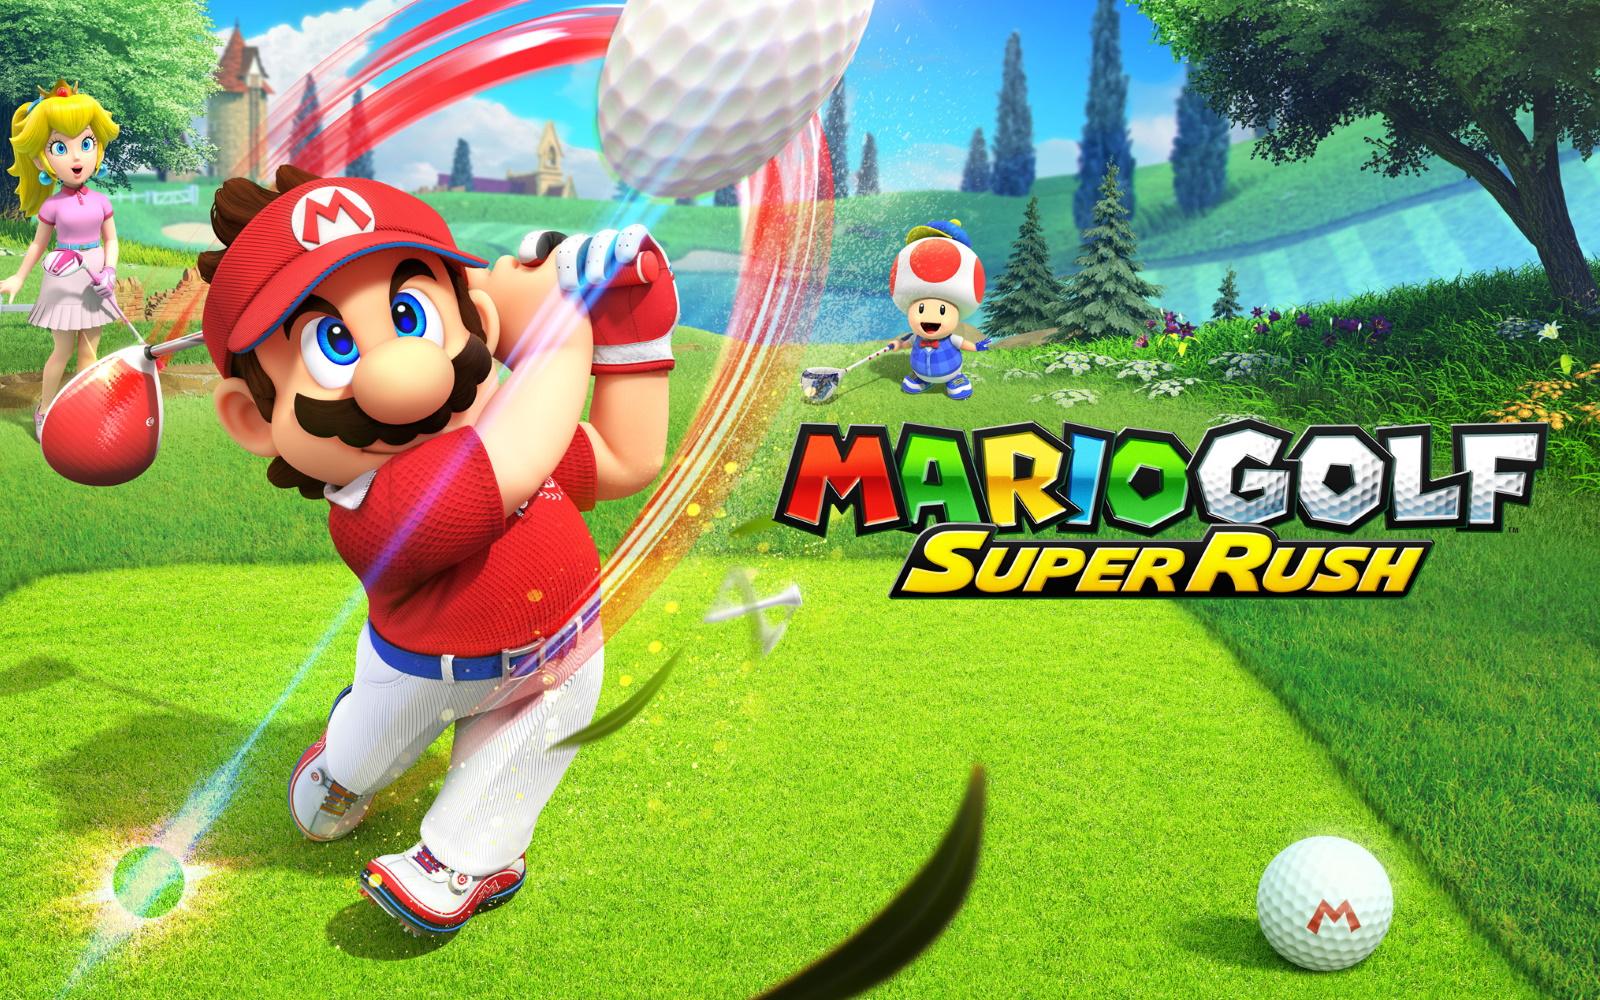 Tee Off This June, In Mario Golf: Super Rush